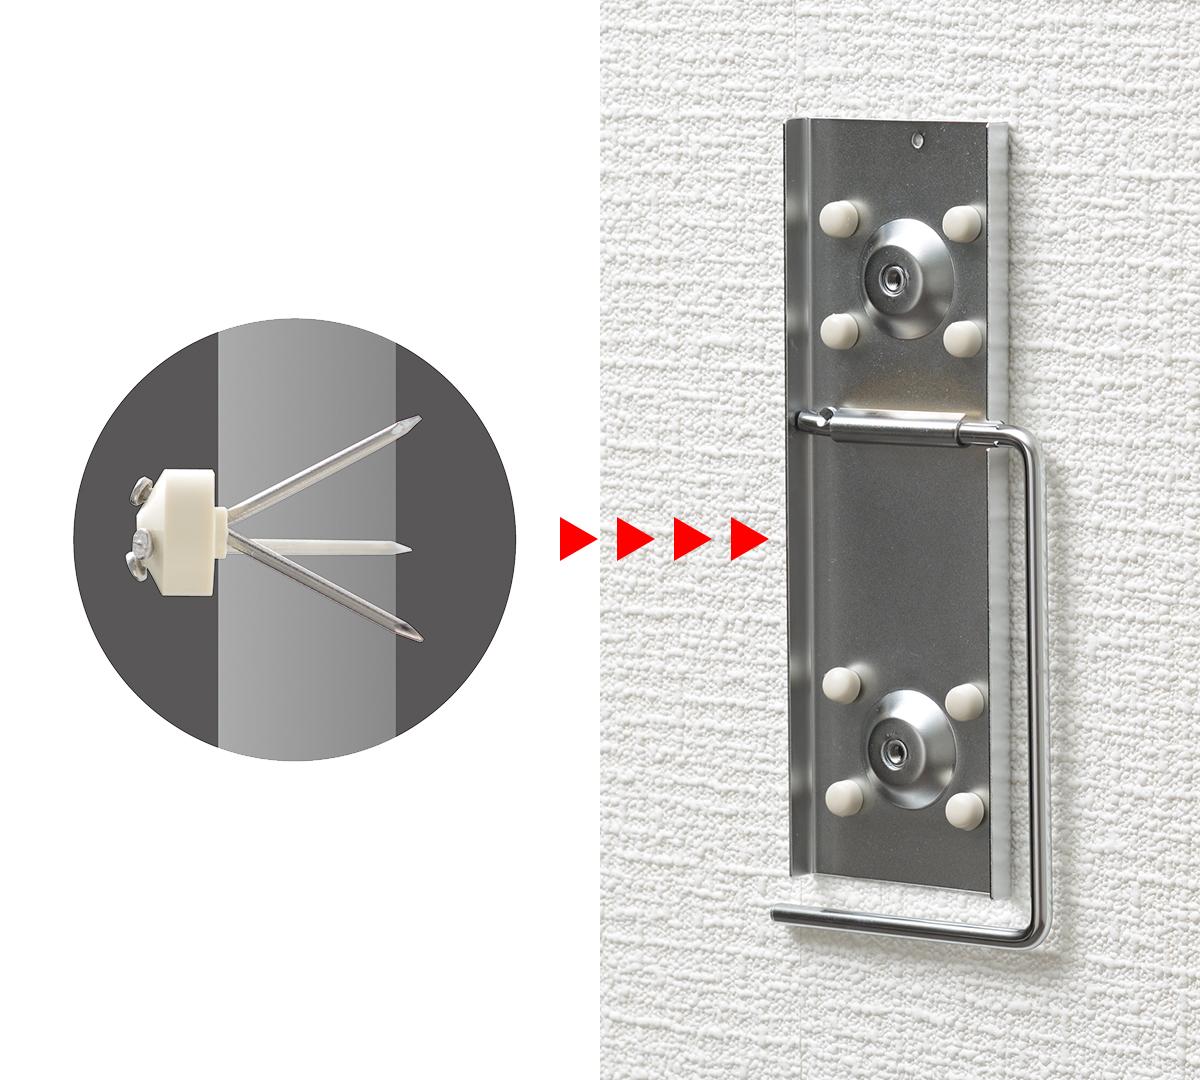 穴の跡が目立ちにくい「極細ピン」で固定できるから、新しい壁紙や賃貸住宅にもオススメのコードレス掃除機のフック|Pinde(ピンデ)